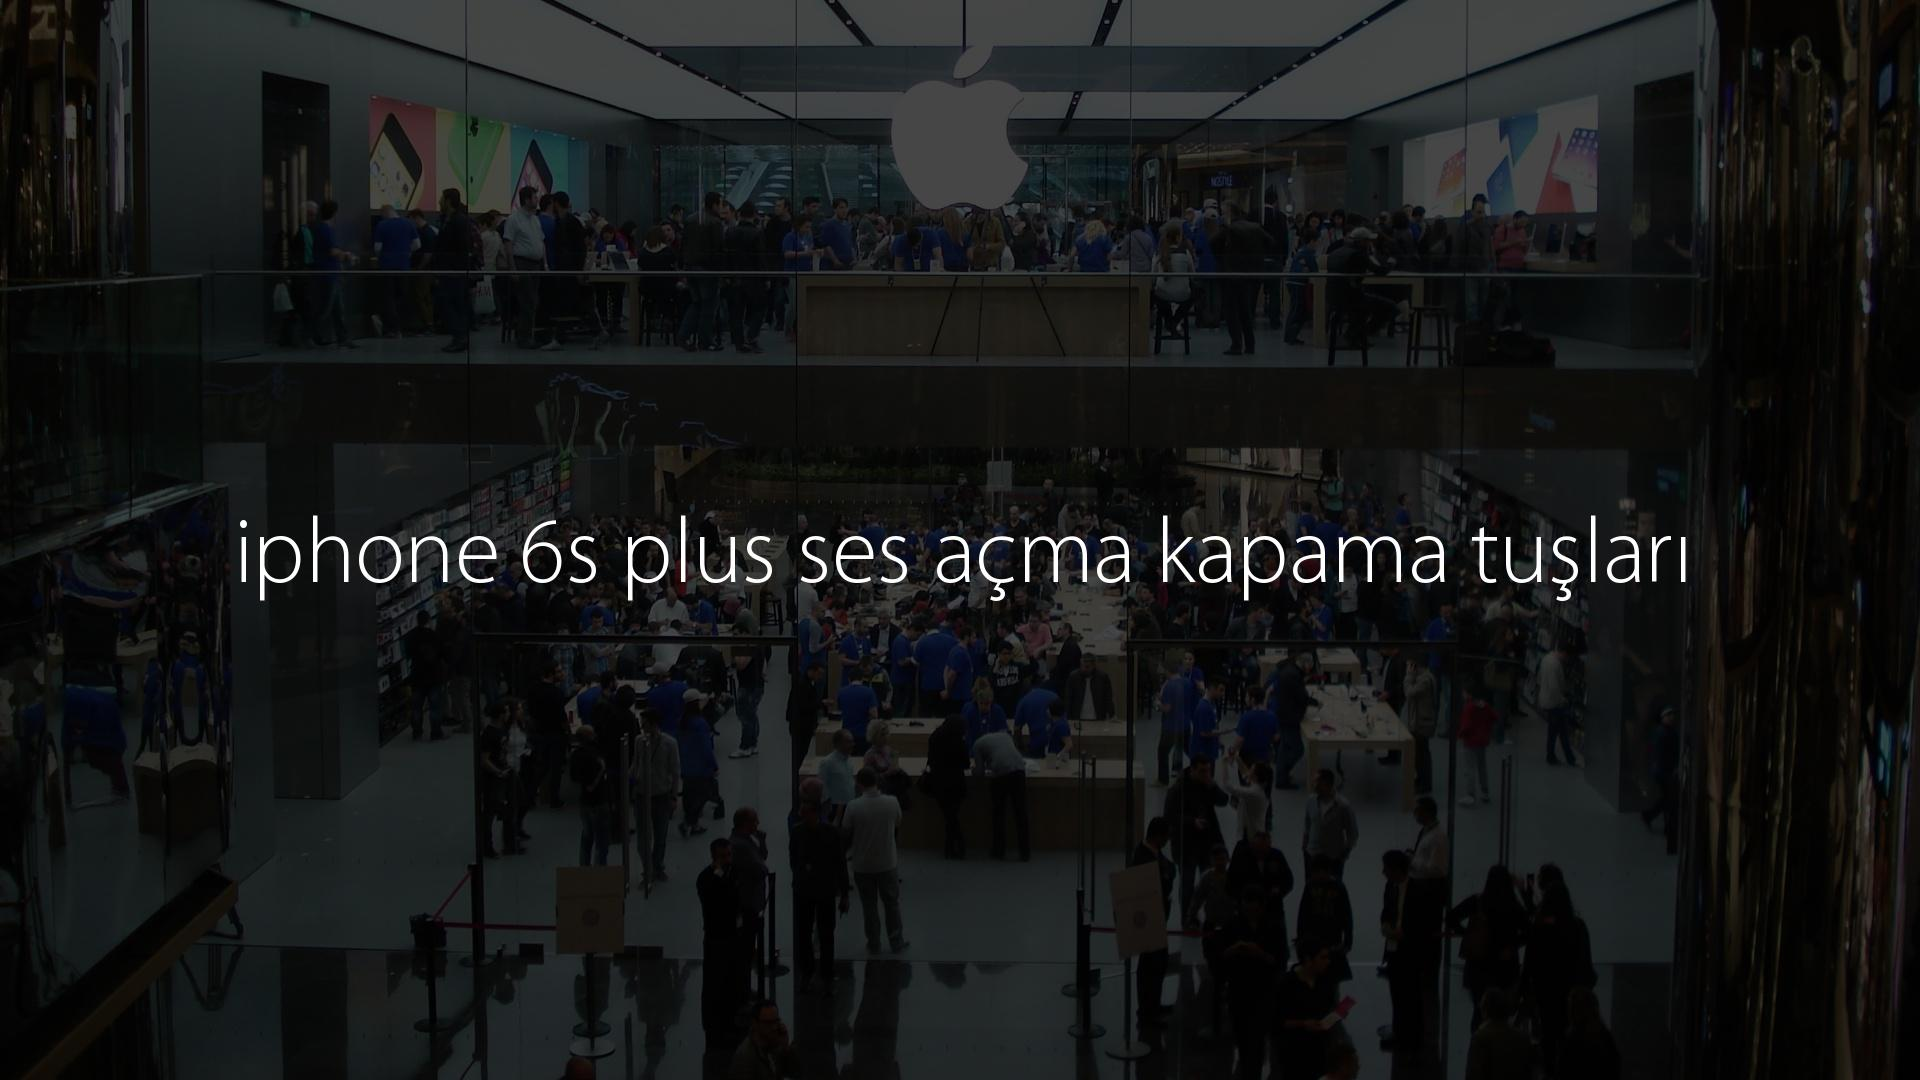 iphone 6s plus ses açma kapama tuşları